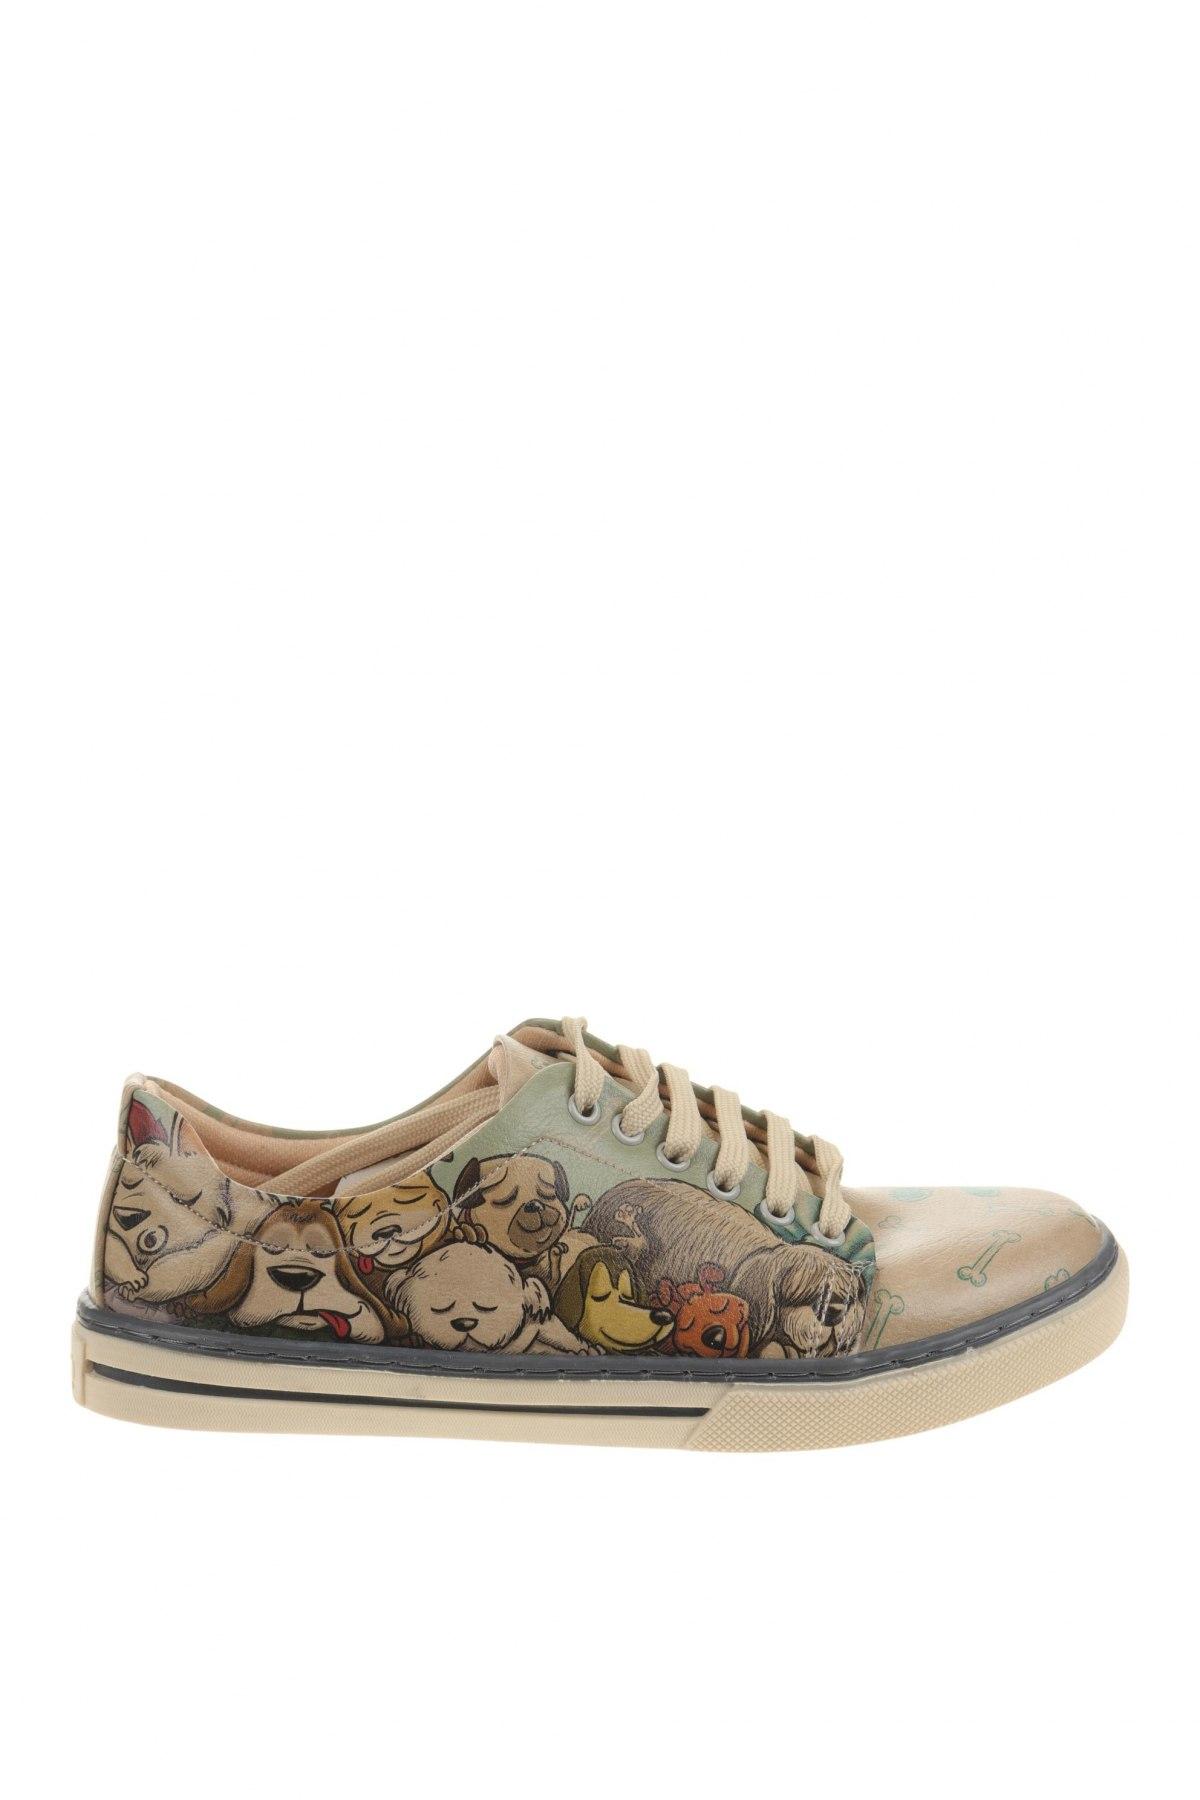 Γυναικεία παπούτσια Dogo, Μέγεθος 36, Χρώμα Πολύχρωμο, Δερματίνη, Τιμή 34,41€